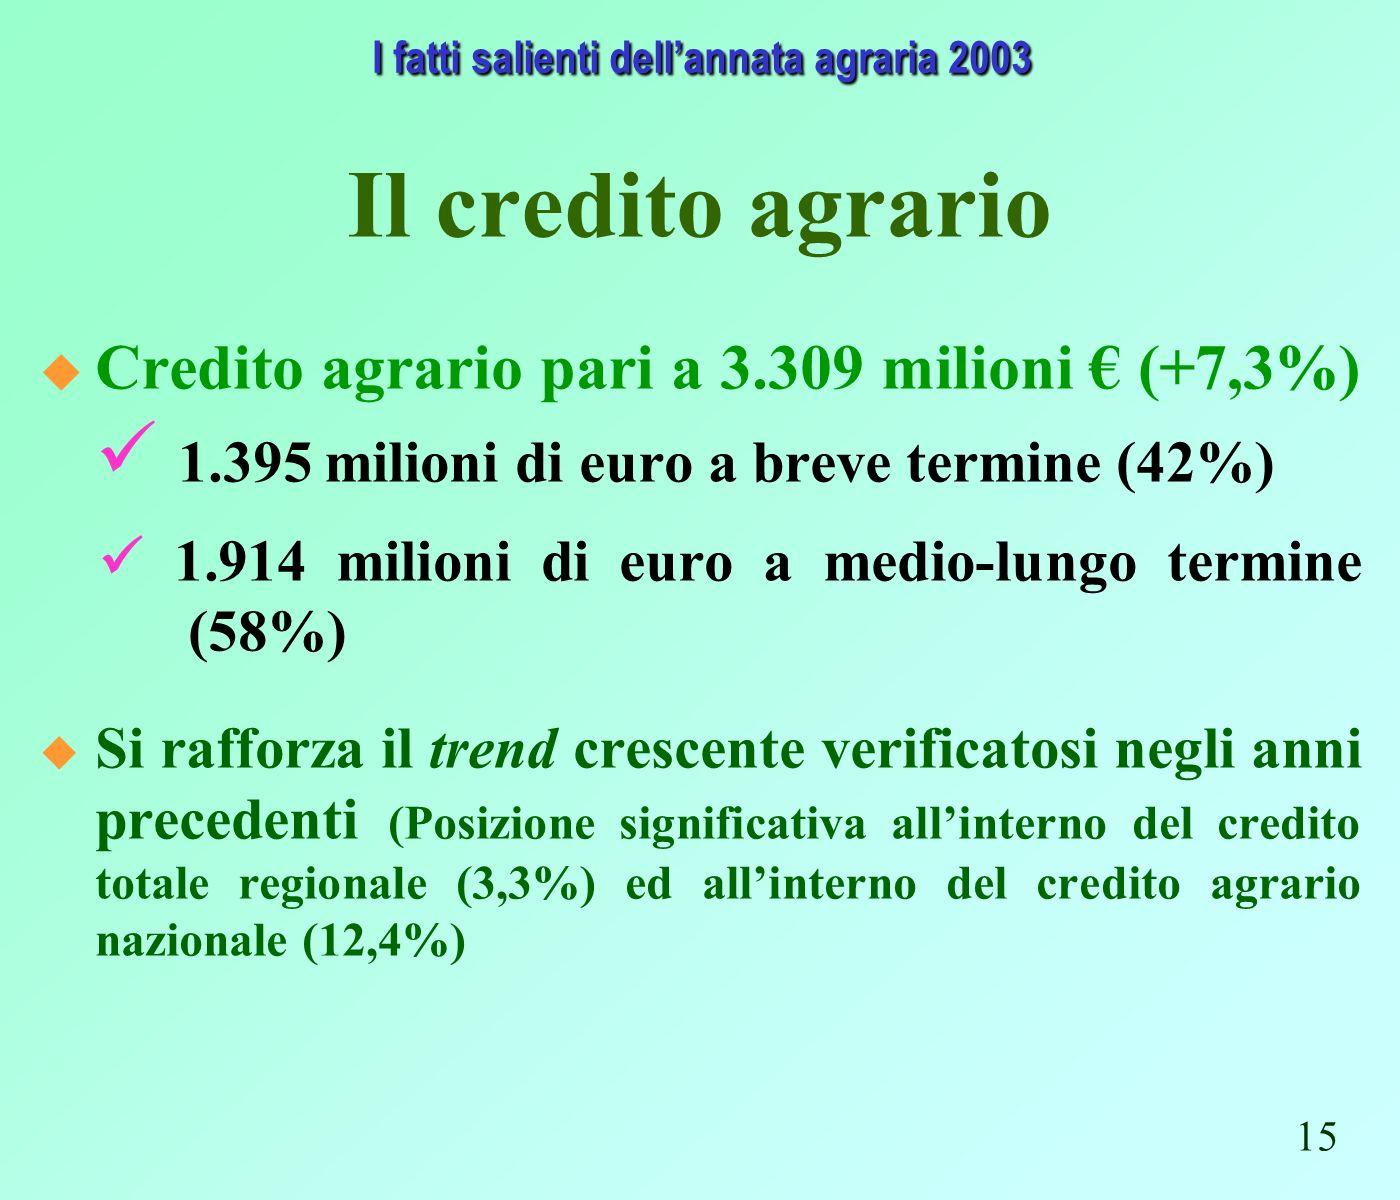 Il credito agrario Credito agrario pari a 3.309 milioni (+7,3%) 1.395 milioni di euro a breve termine (42%) 1.914 milioni di euro a medio-lungo termine (58%) Si rafforza il trend crescente verificatosi negli anni precedenti (Posizione significativa allinterno del credito totale regionale (3,3%) ed allinterno del credito agrario nazionale (12,4%) I fatti salienti dellannata agraria 2003 I fatti salienti dellannata agraria 2003 15